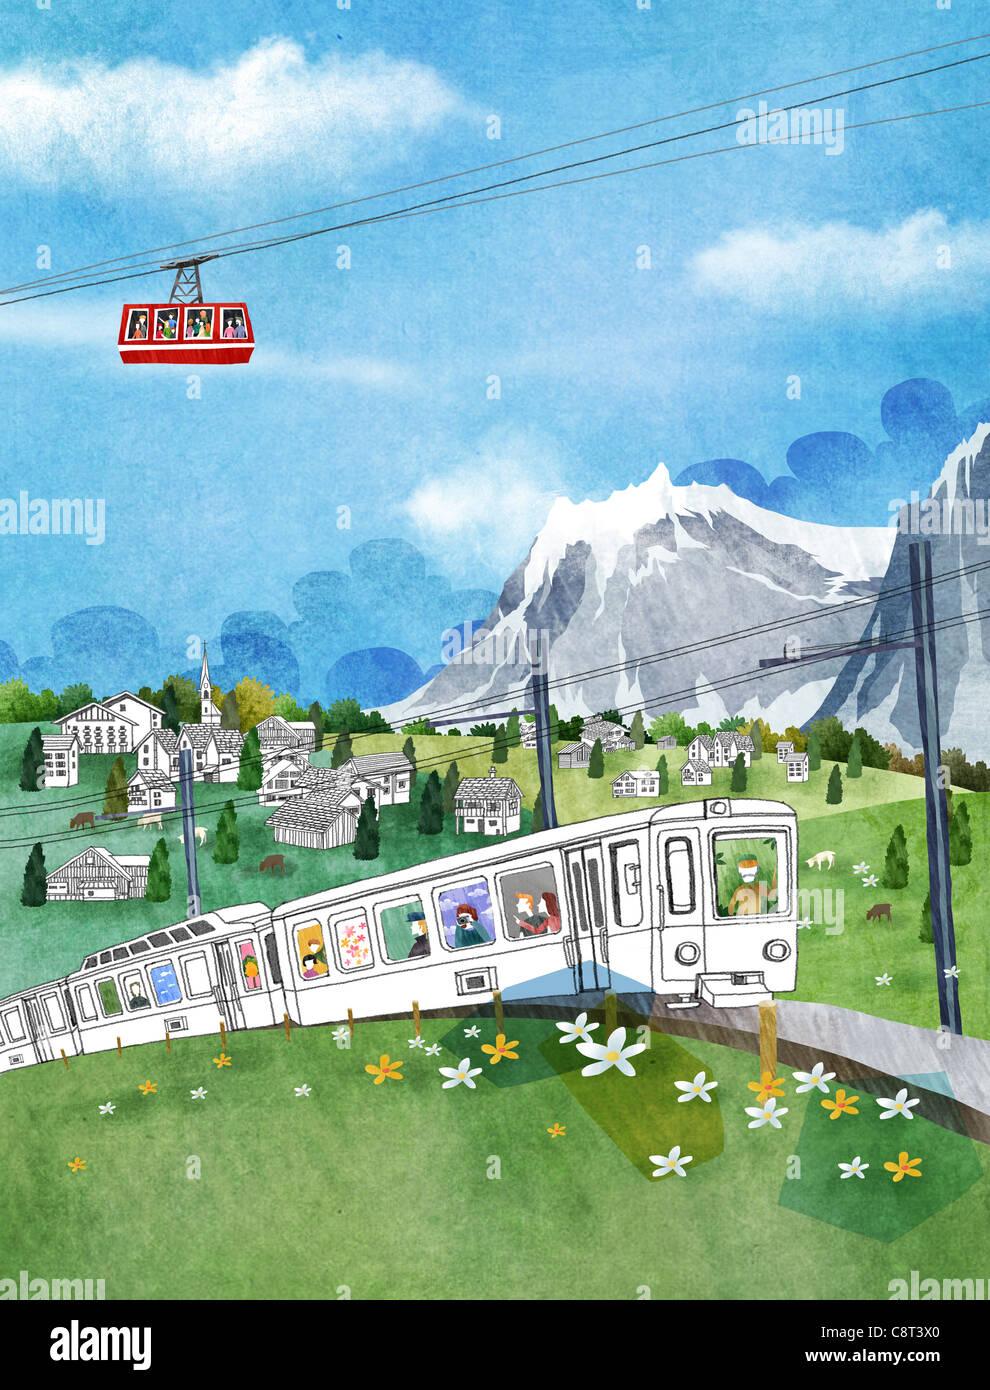 Cabinovia e treno giocattolo sul paesaggio verde Immagini Stock